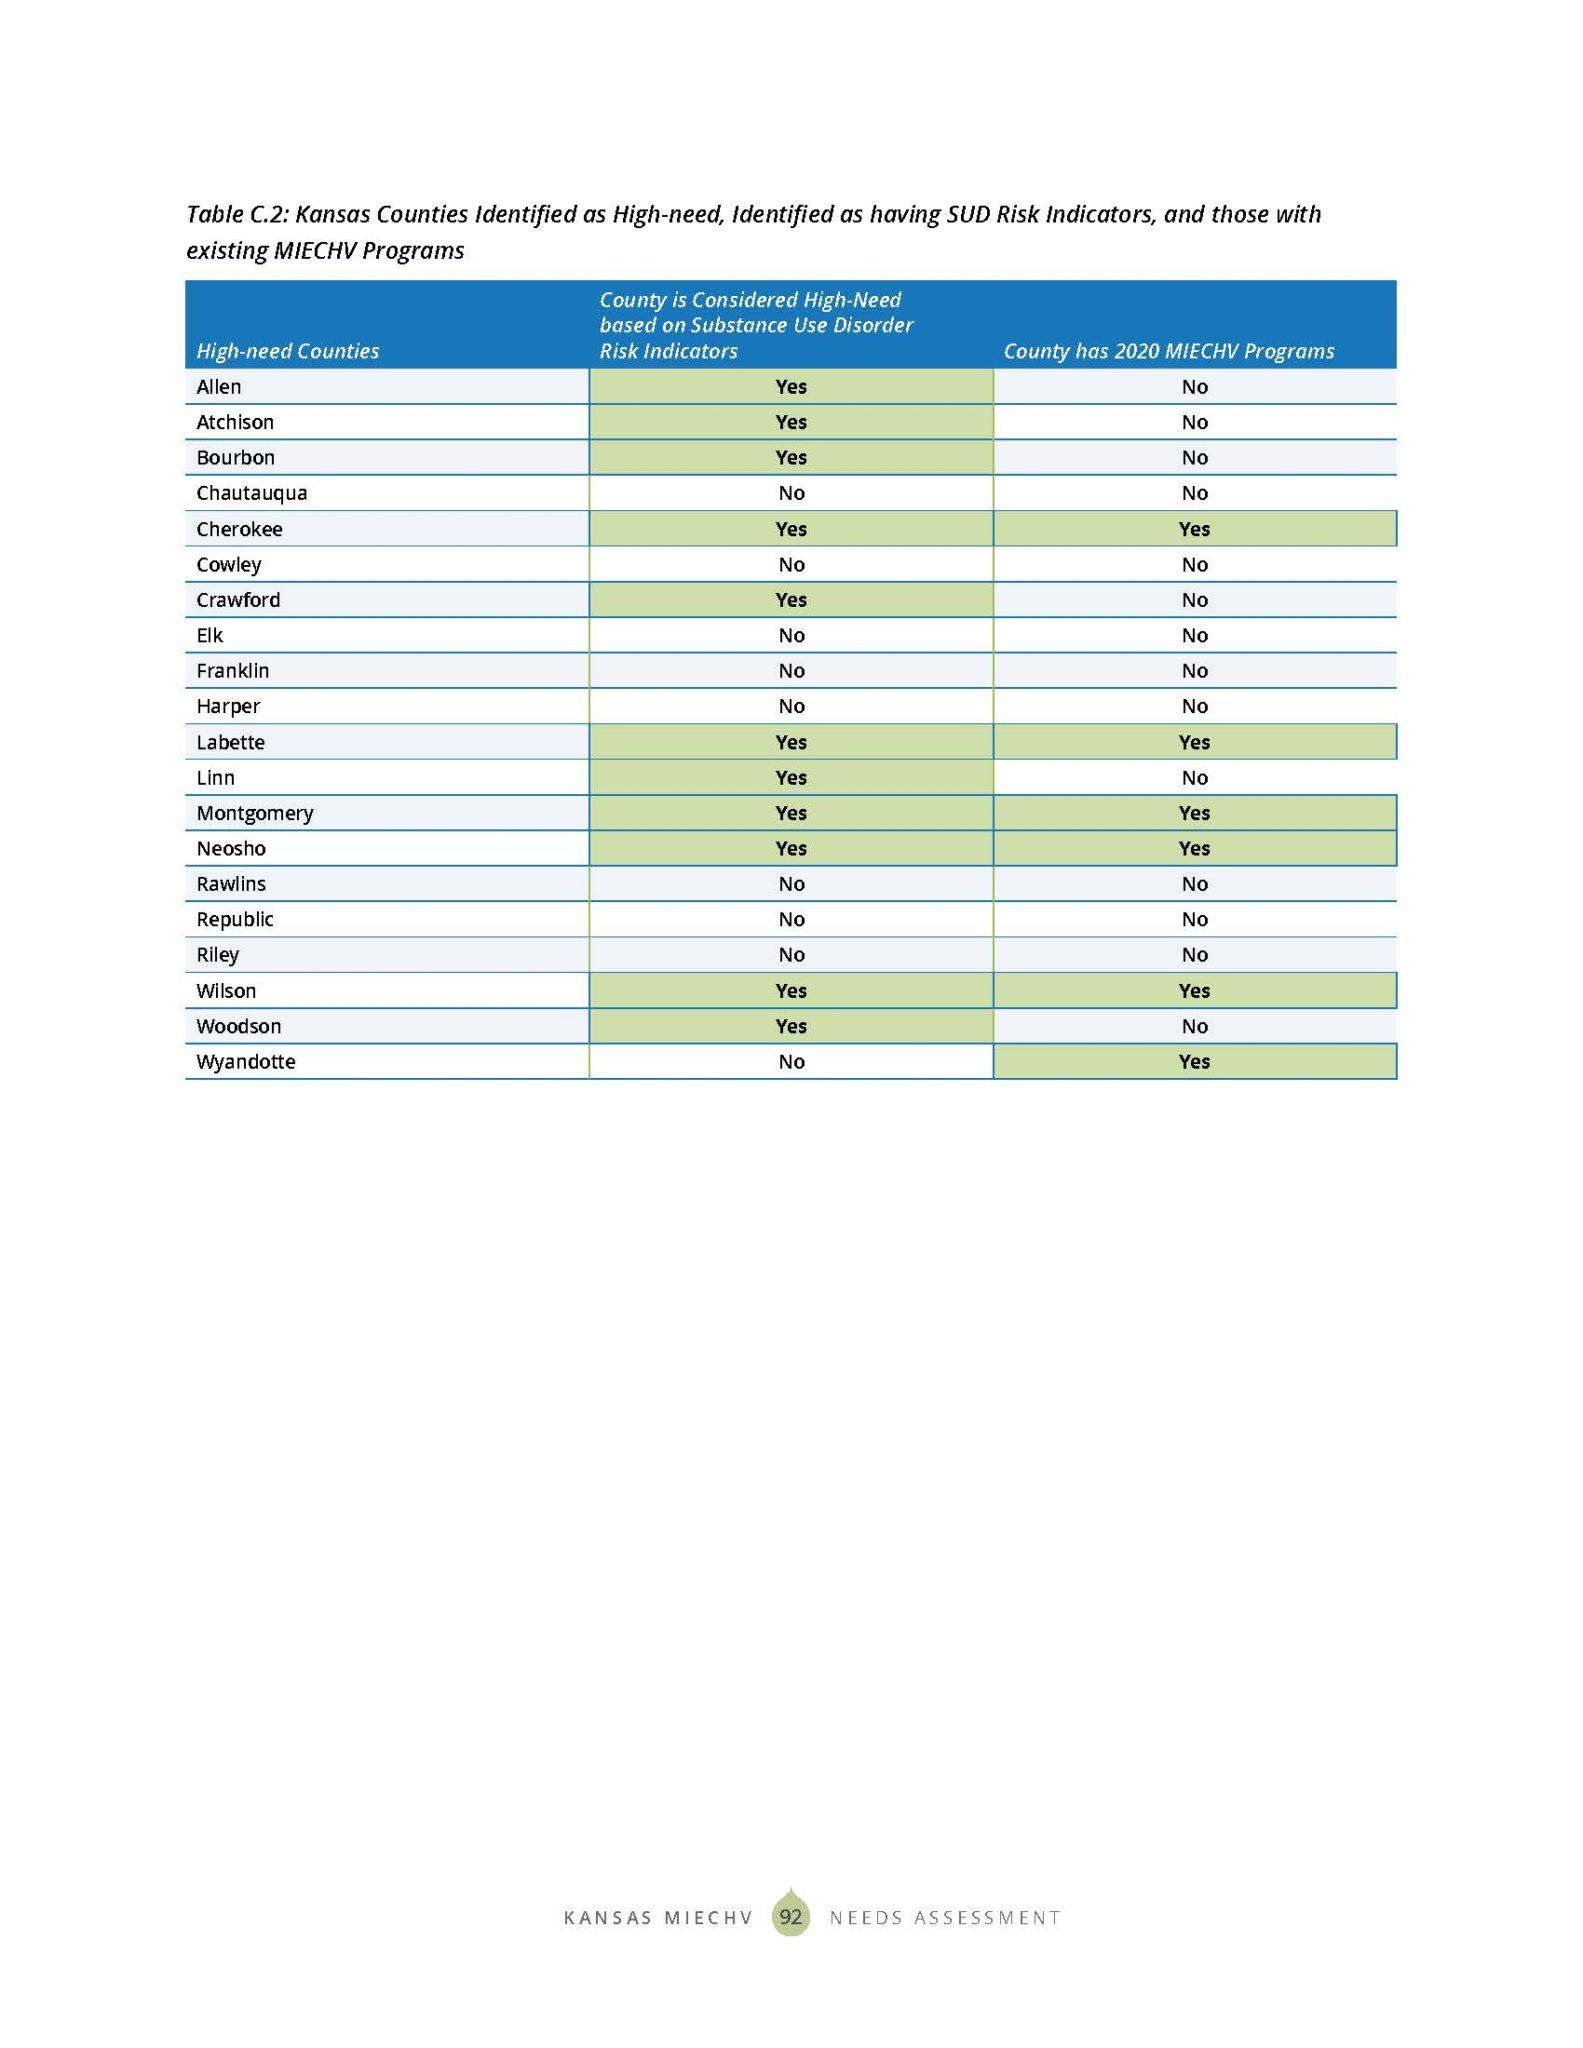 KS MIECHV 2020 Needs Assessment_DIGITAL_Page_100